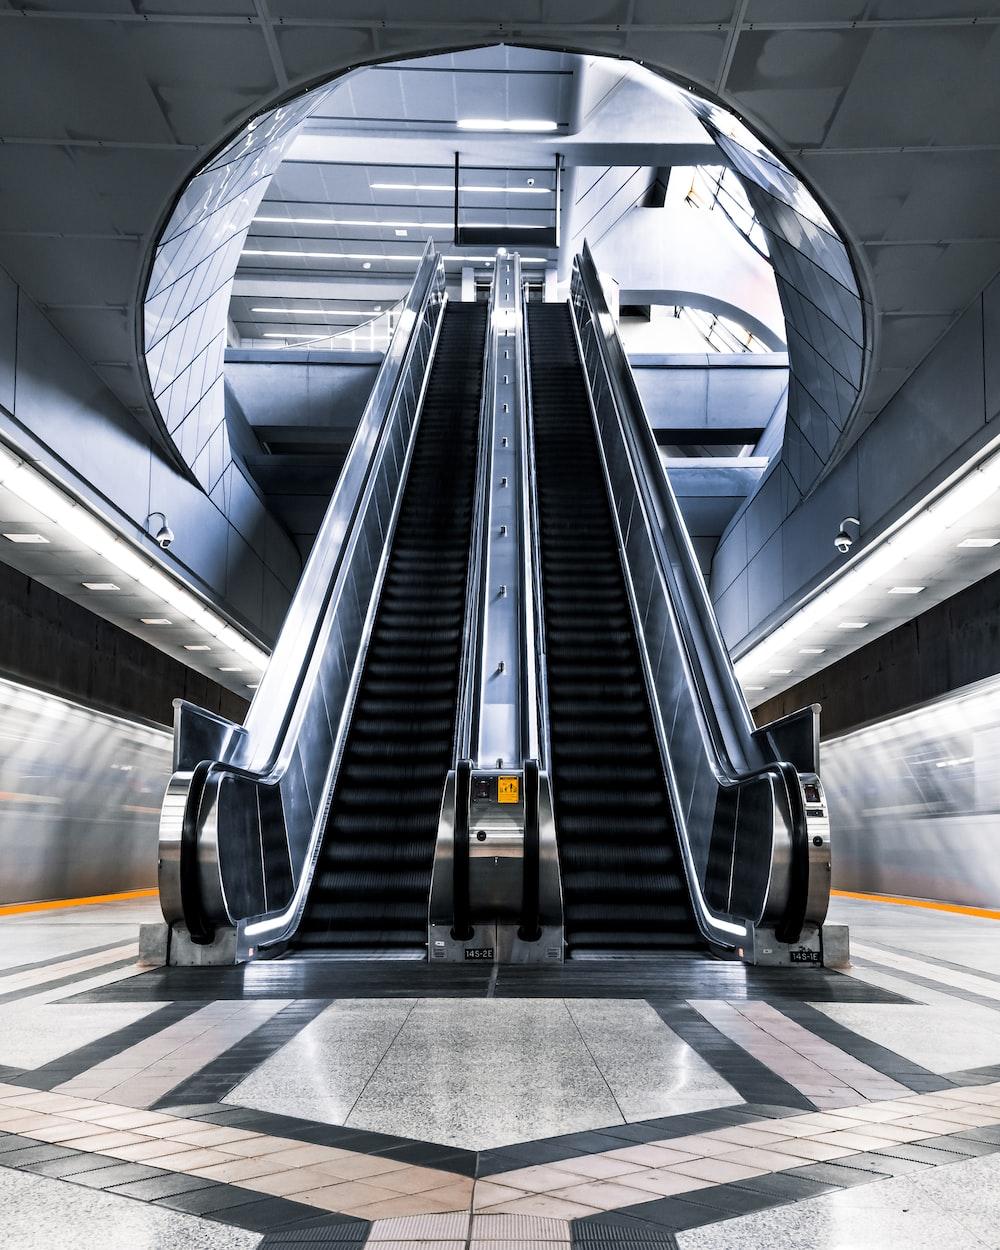 black escalator in a white tunnel